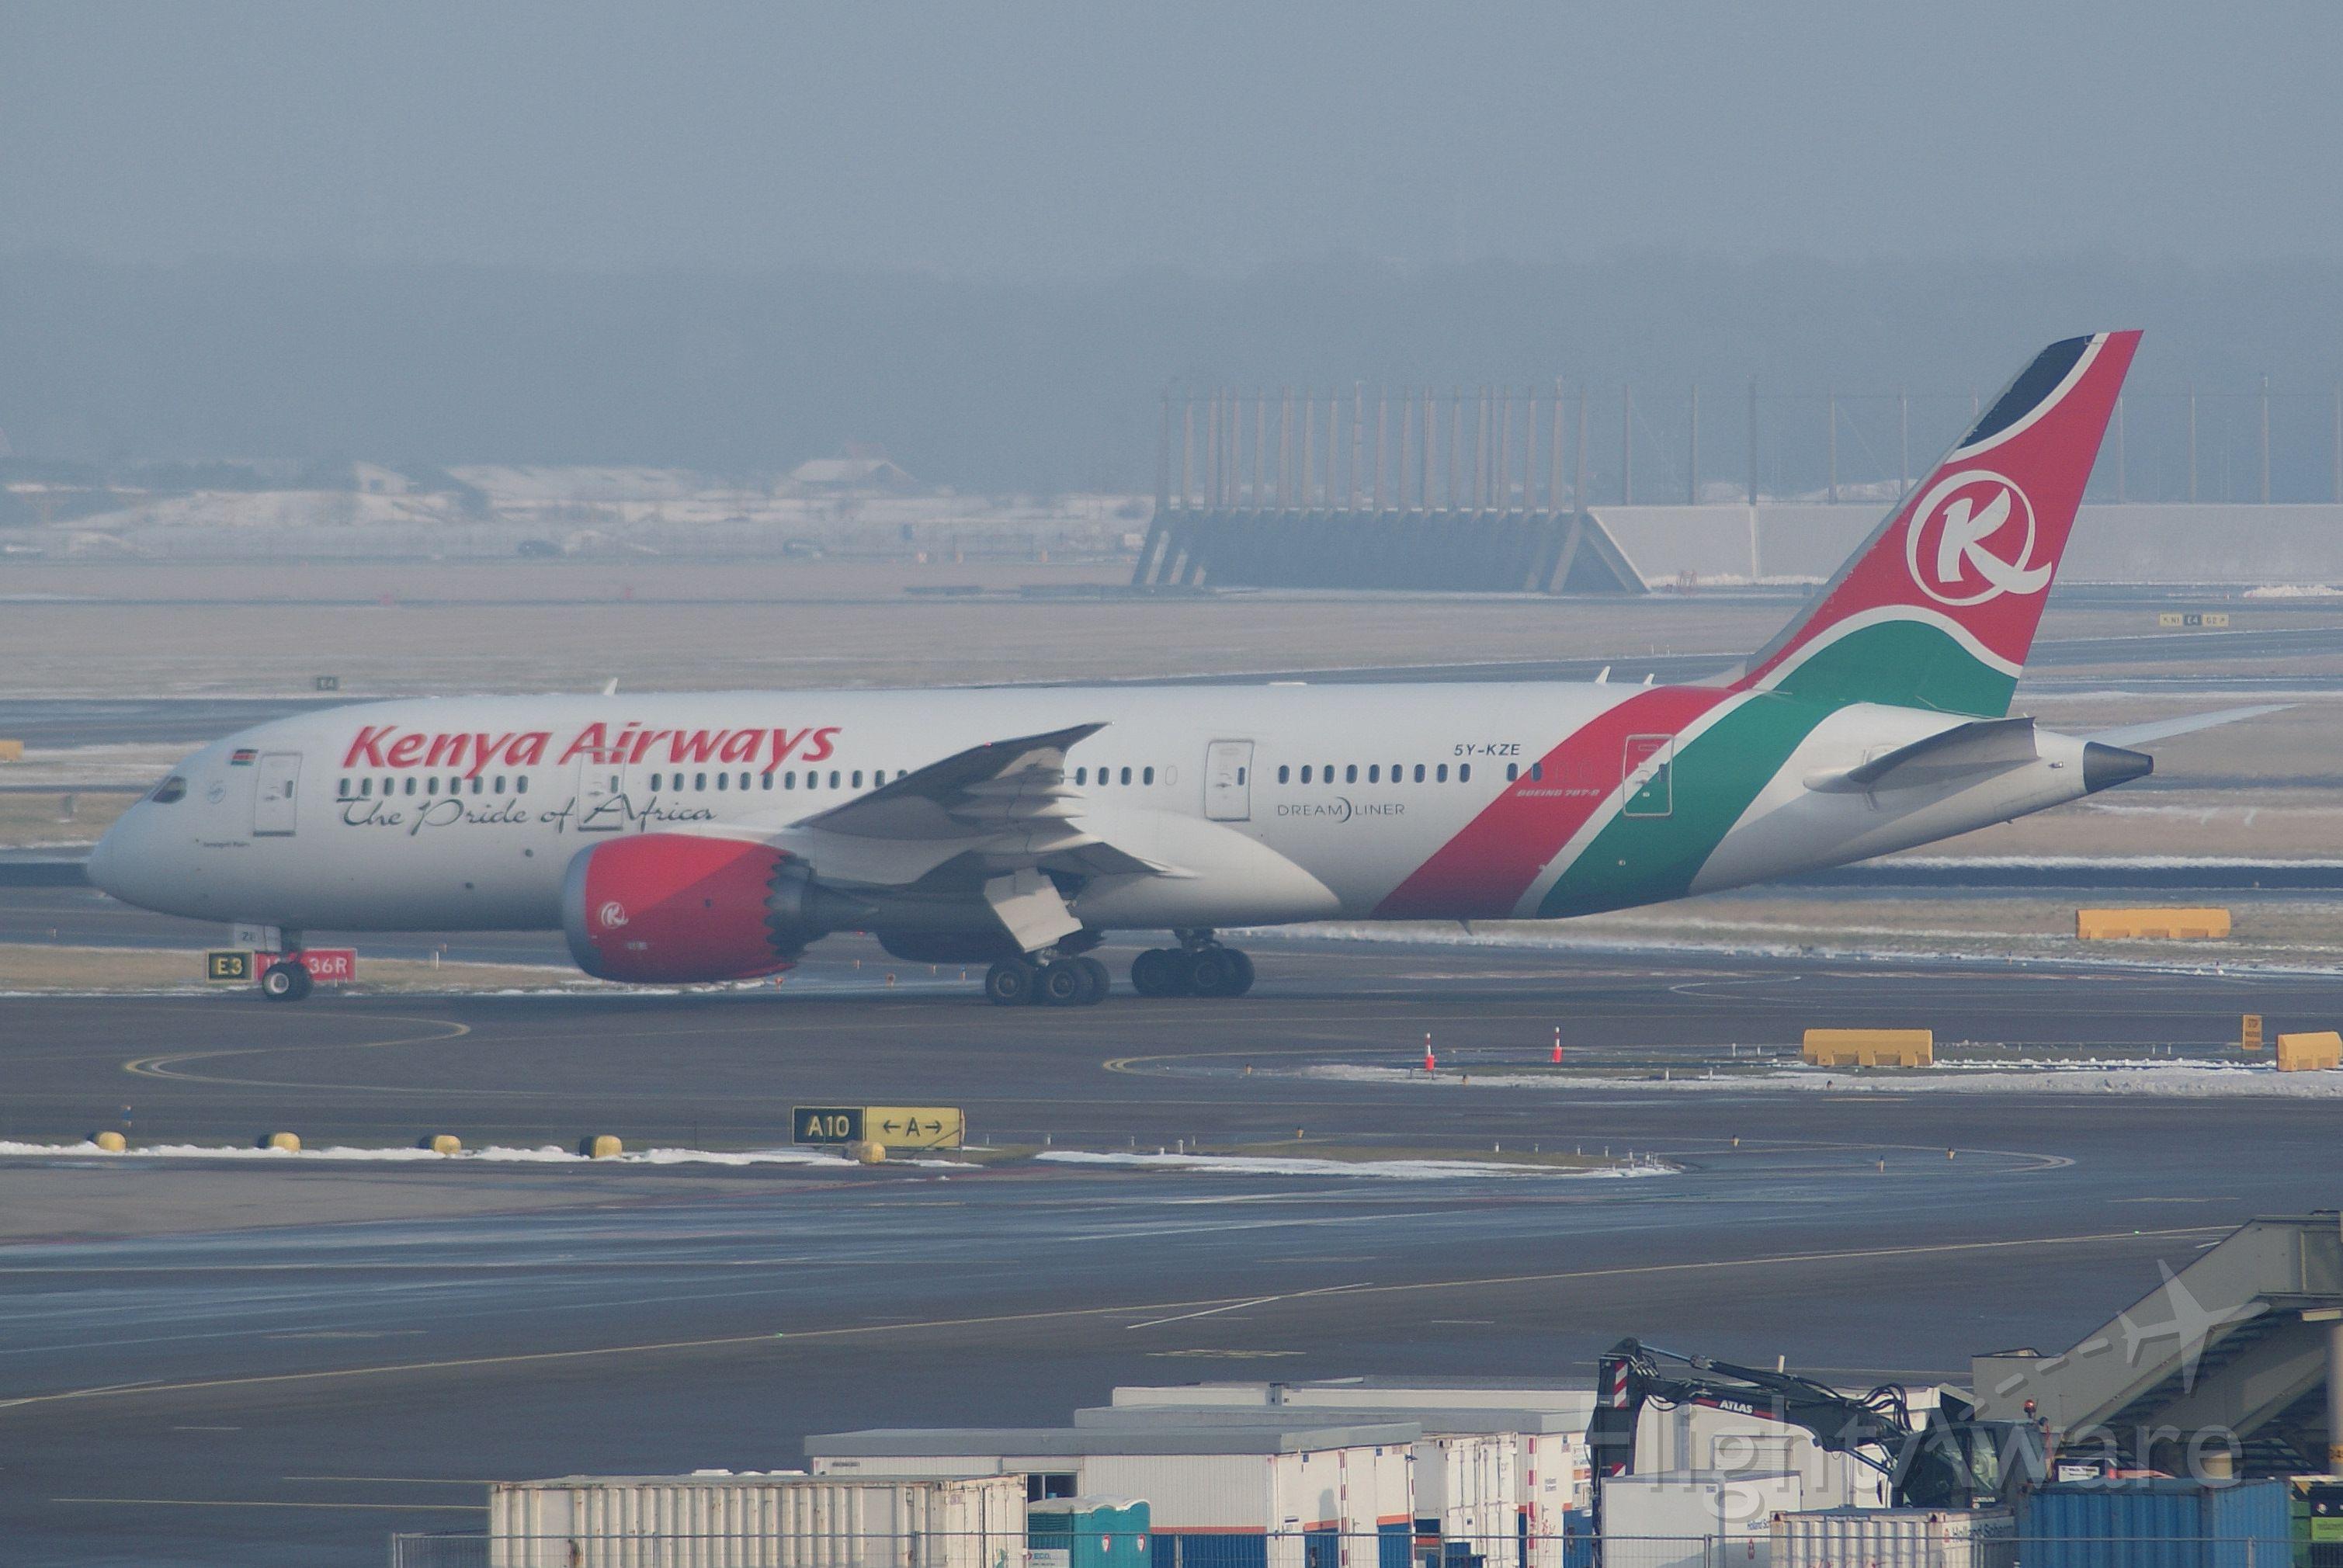 Boeing 787-8 (5Y-KZE) - Kenya Airways B787-8 cn36042